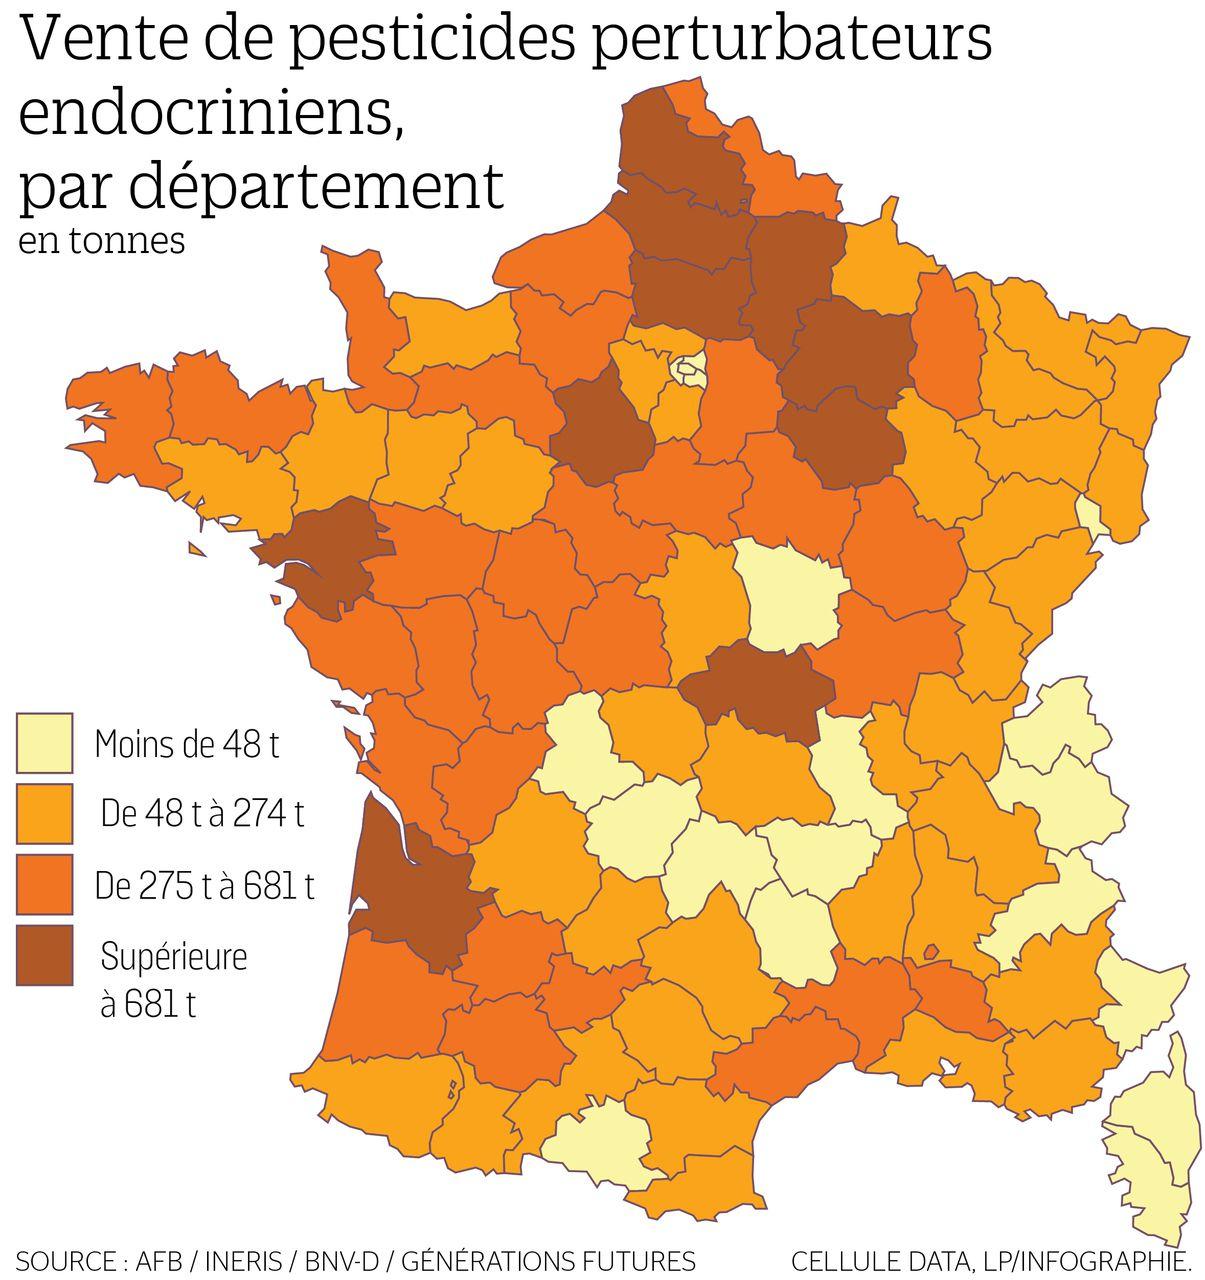 La Carte De France Des Départements Les Plus Consommateurs dedans Départements Et Régions De France